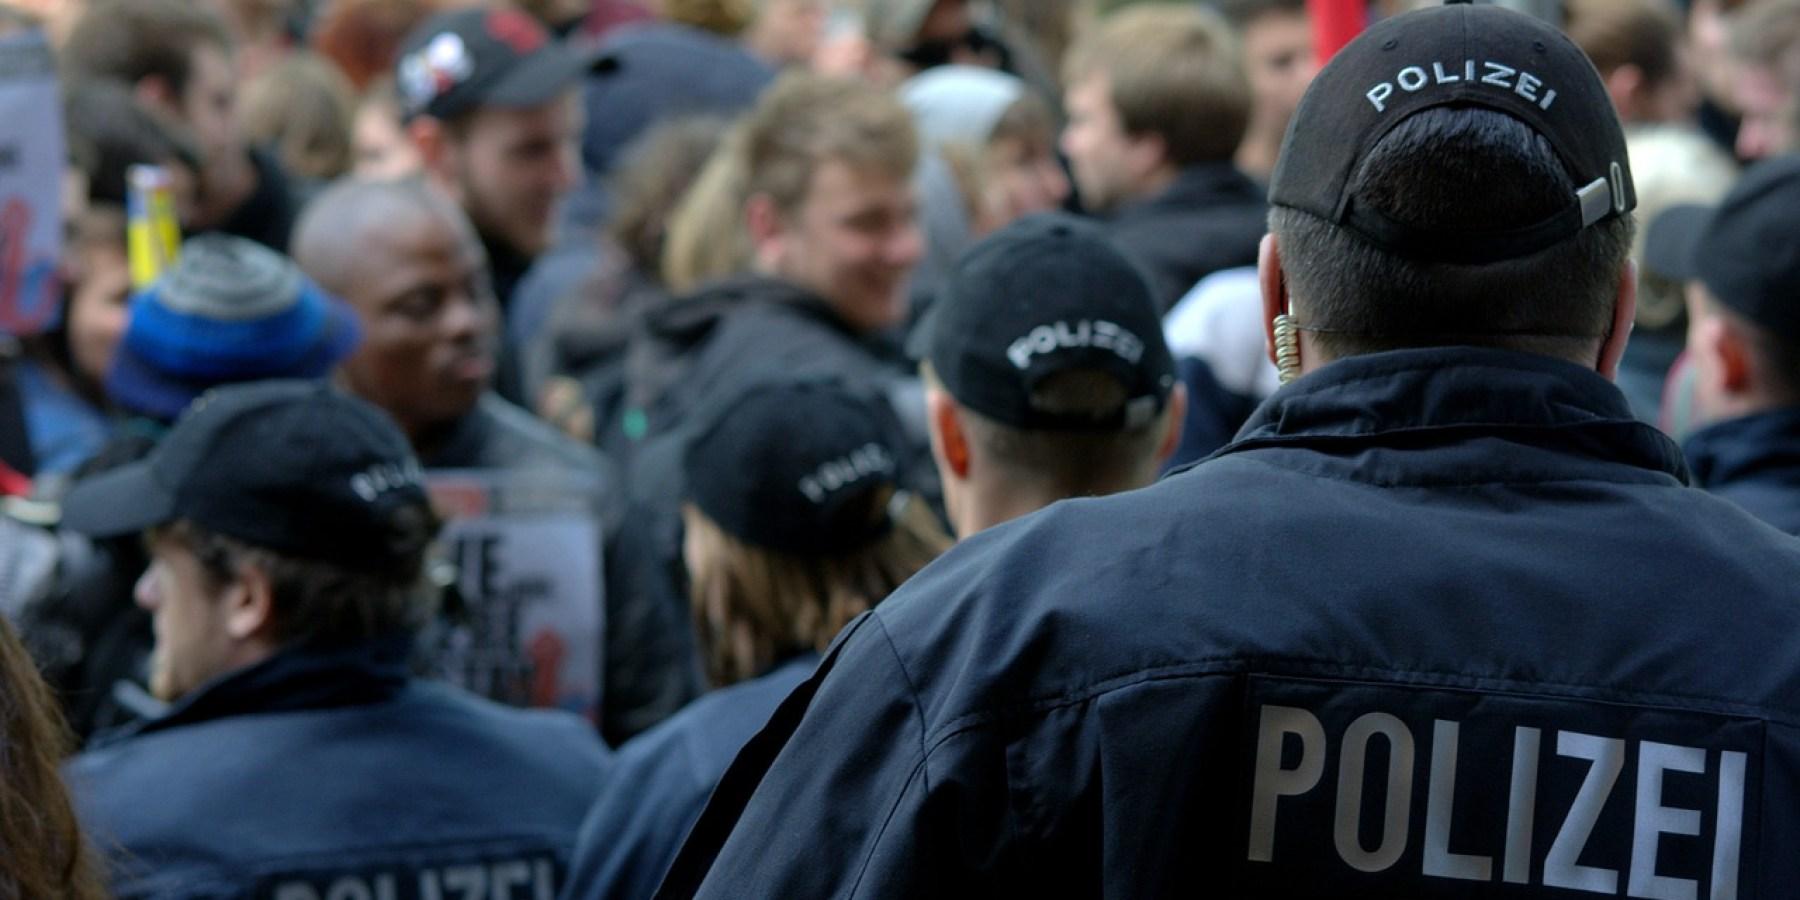 """Demonstrationsanmeldung """"Extinction Rebellion"""": Keine Ausnahmegenehmigung"""